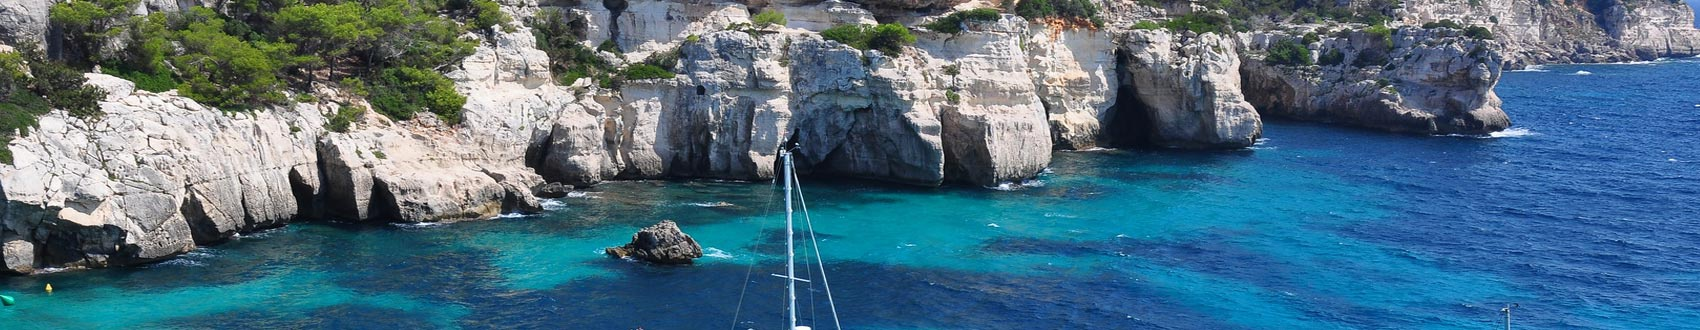 Nasi skipperzy - Czartery Jachtów i Rejsy Morskie Last Minute Jachtem na Morzu ¦ródziemnym TUI | Geo-Sail